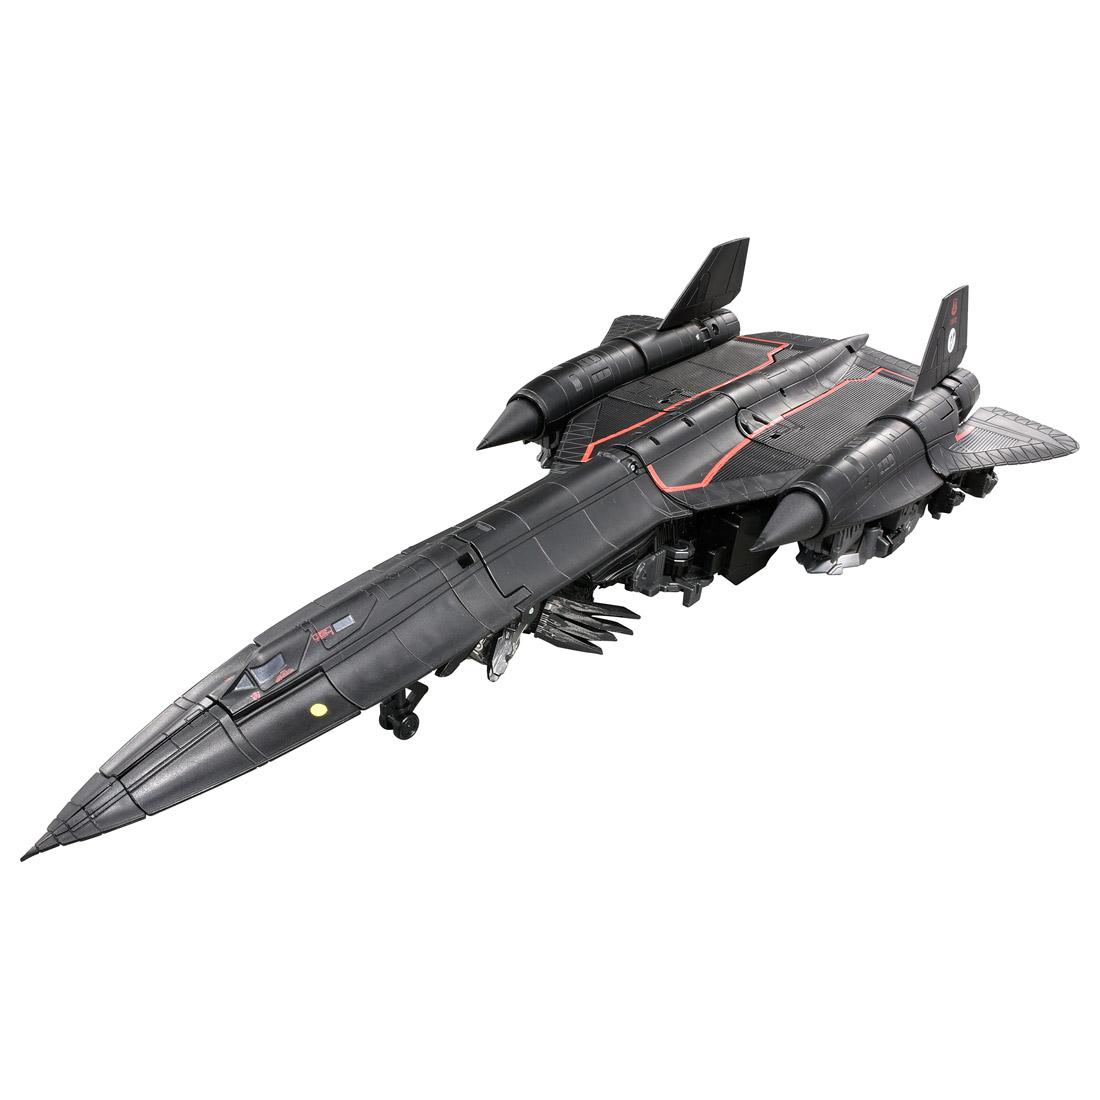 スタジオシリーズ『SS-26 ジェットファイヤー』トランスフォーマー 可変可動フィギュア-003